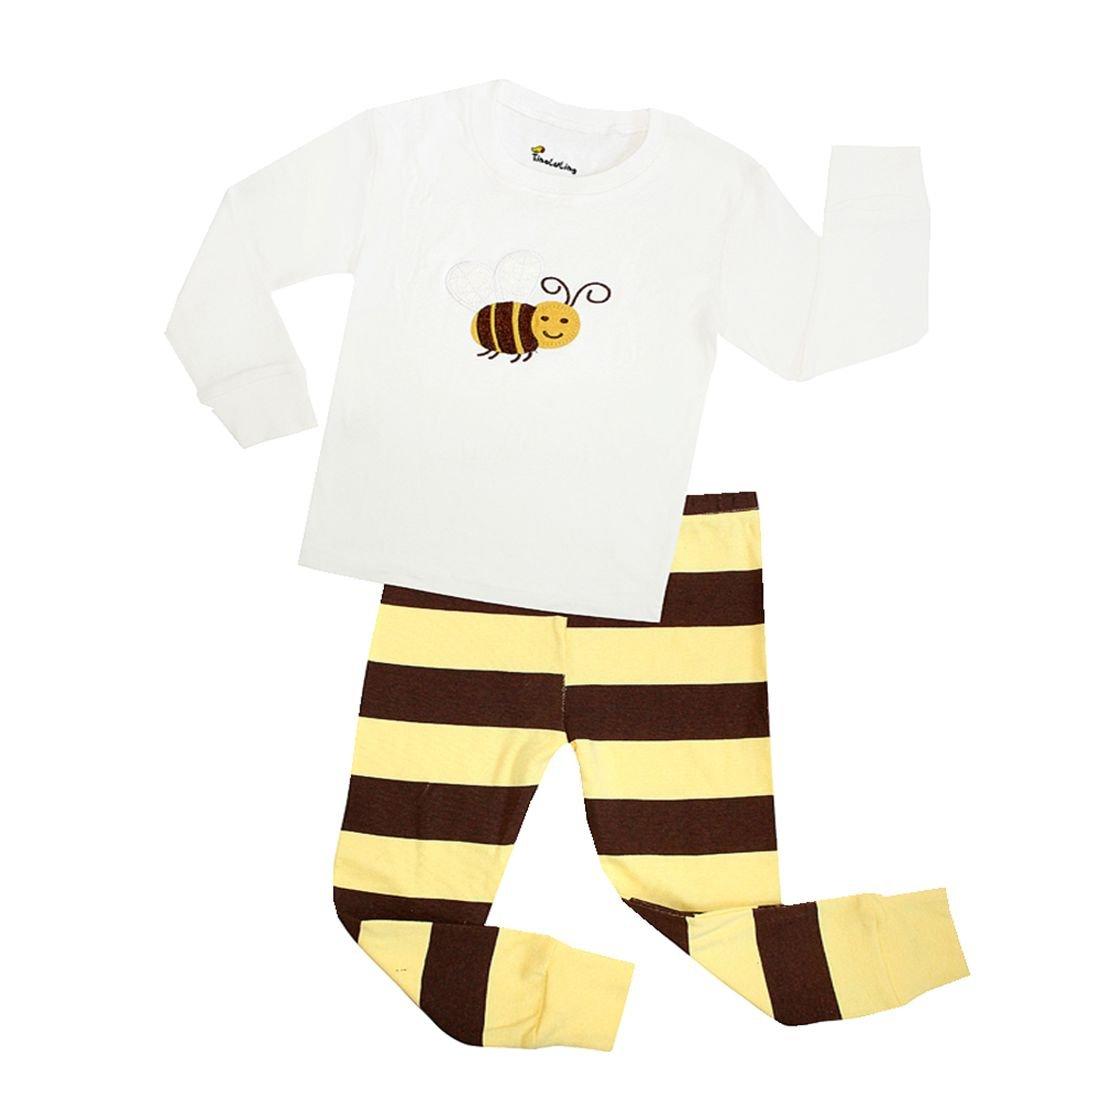 Girls Pajamas Easy Cotton Long Sleeves Toddler Bees Kids Pjs Sleepwear 2 Piece